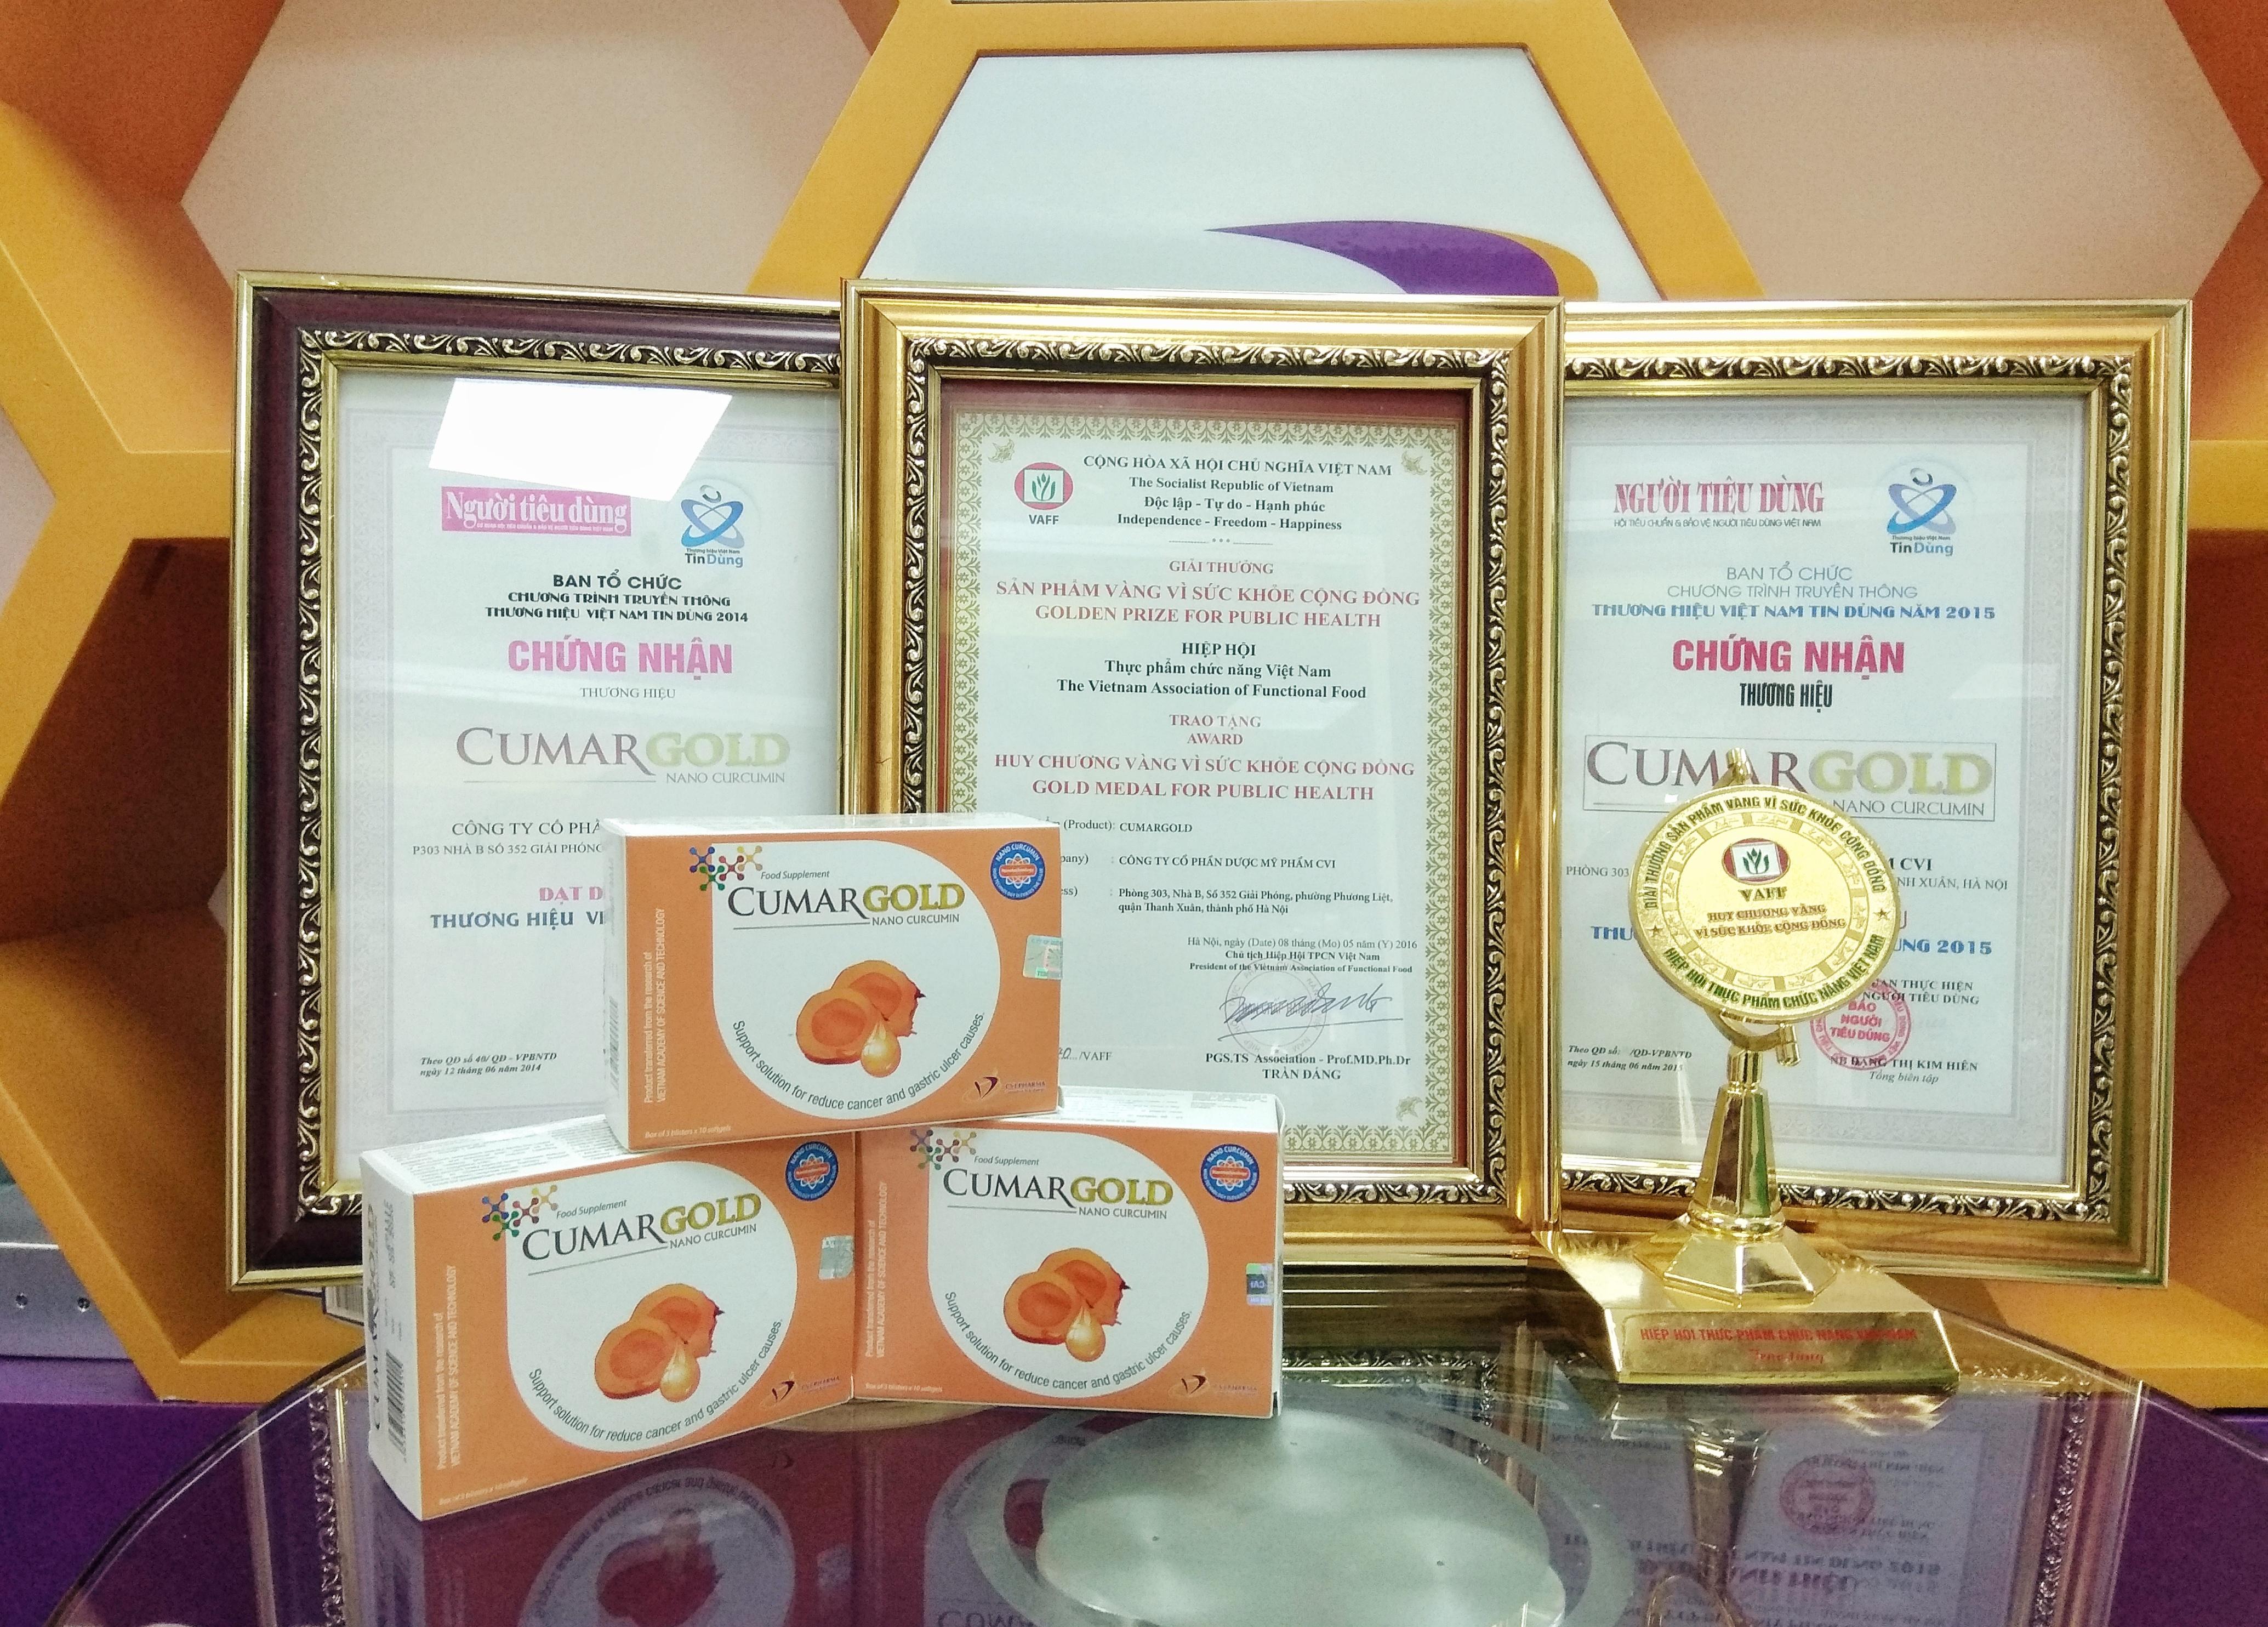 CumarGold đã vinh dự nhận được nhiều giải thưởng cao quý do người tiêu dùng bình chọn